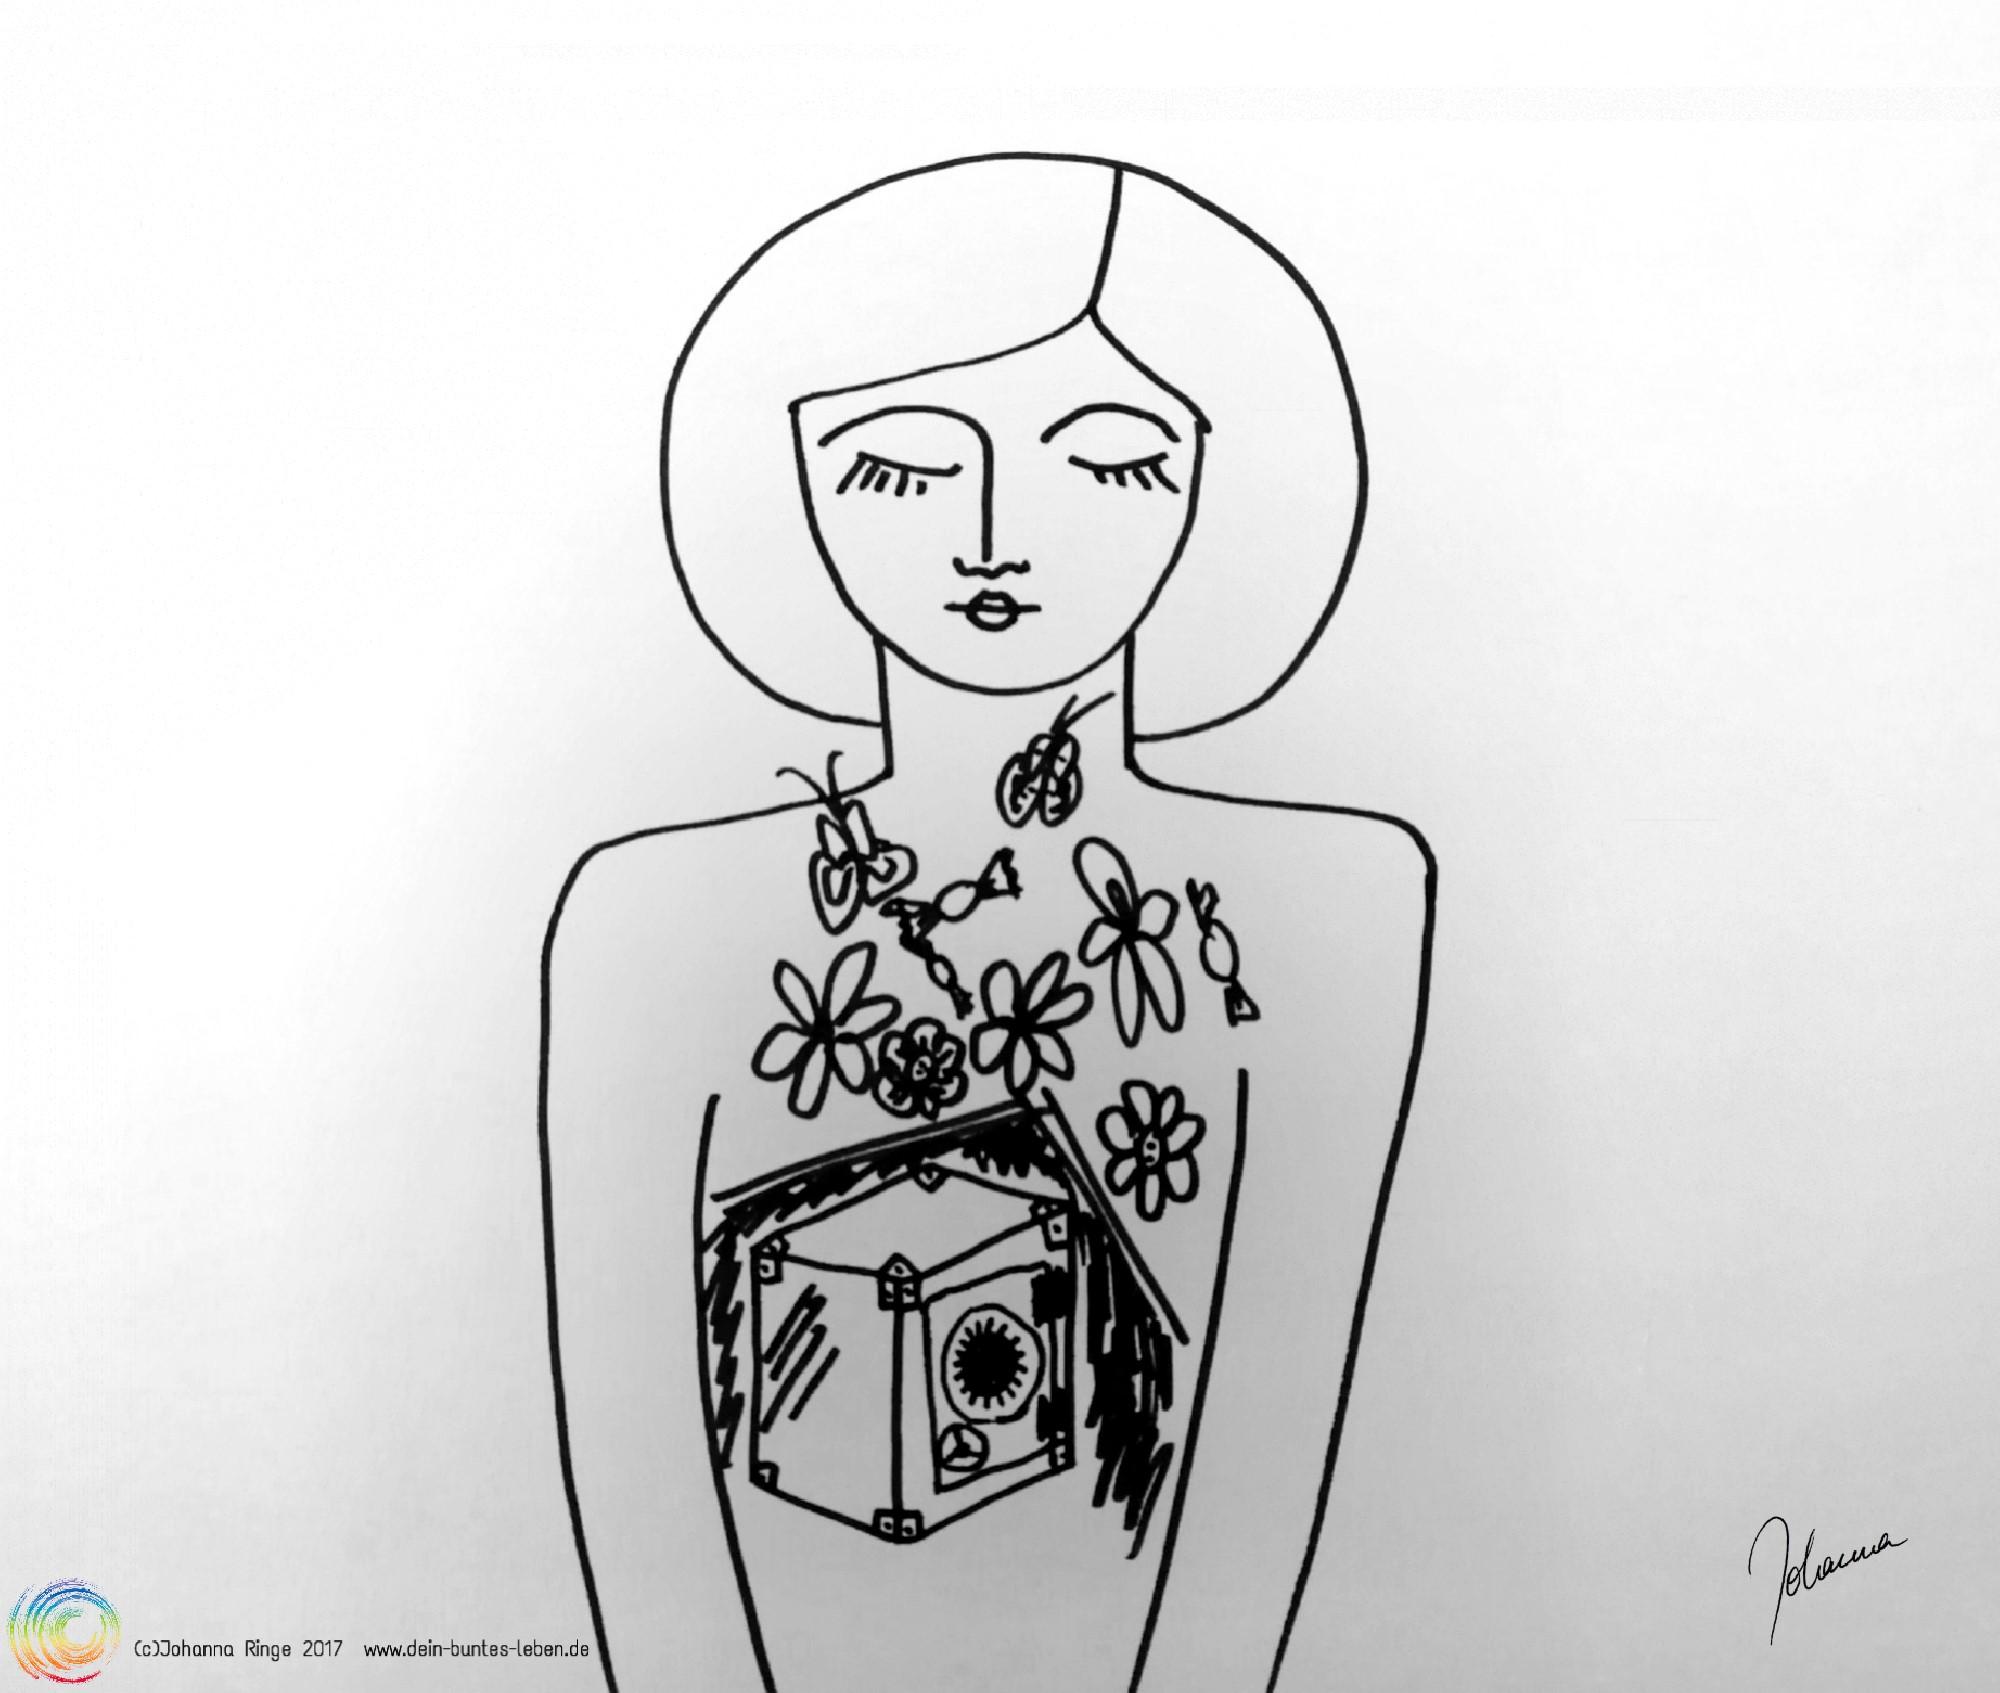 Dein Schmerz ist ein Teil von Dir: Zeichnung einer Person mit einem dunklen Safe im Bauch, verborgen unter Blumen und Schmetterlingen. (c) Johanna Ringe www.dein-buntes-leben.de